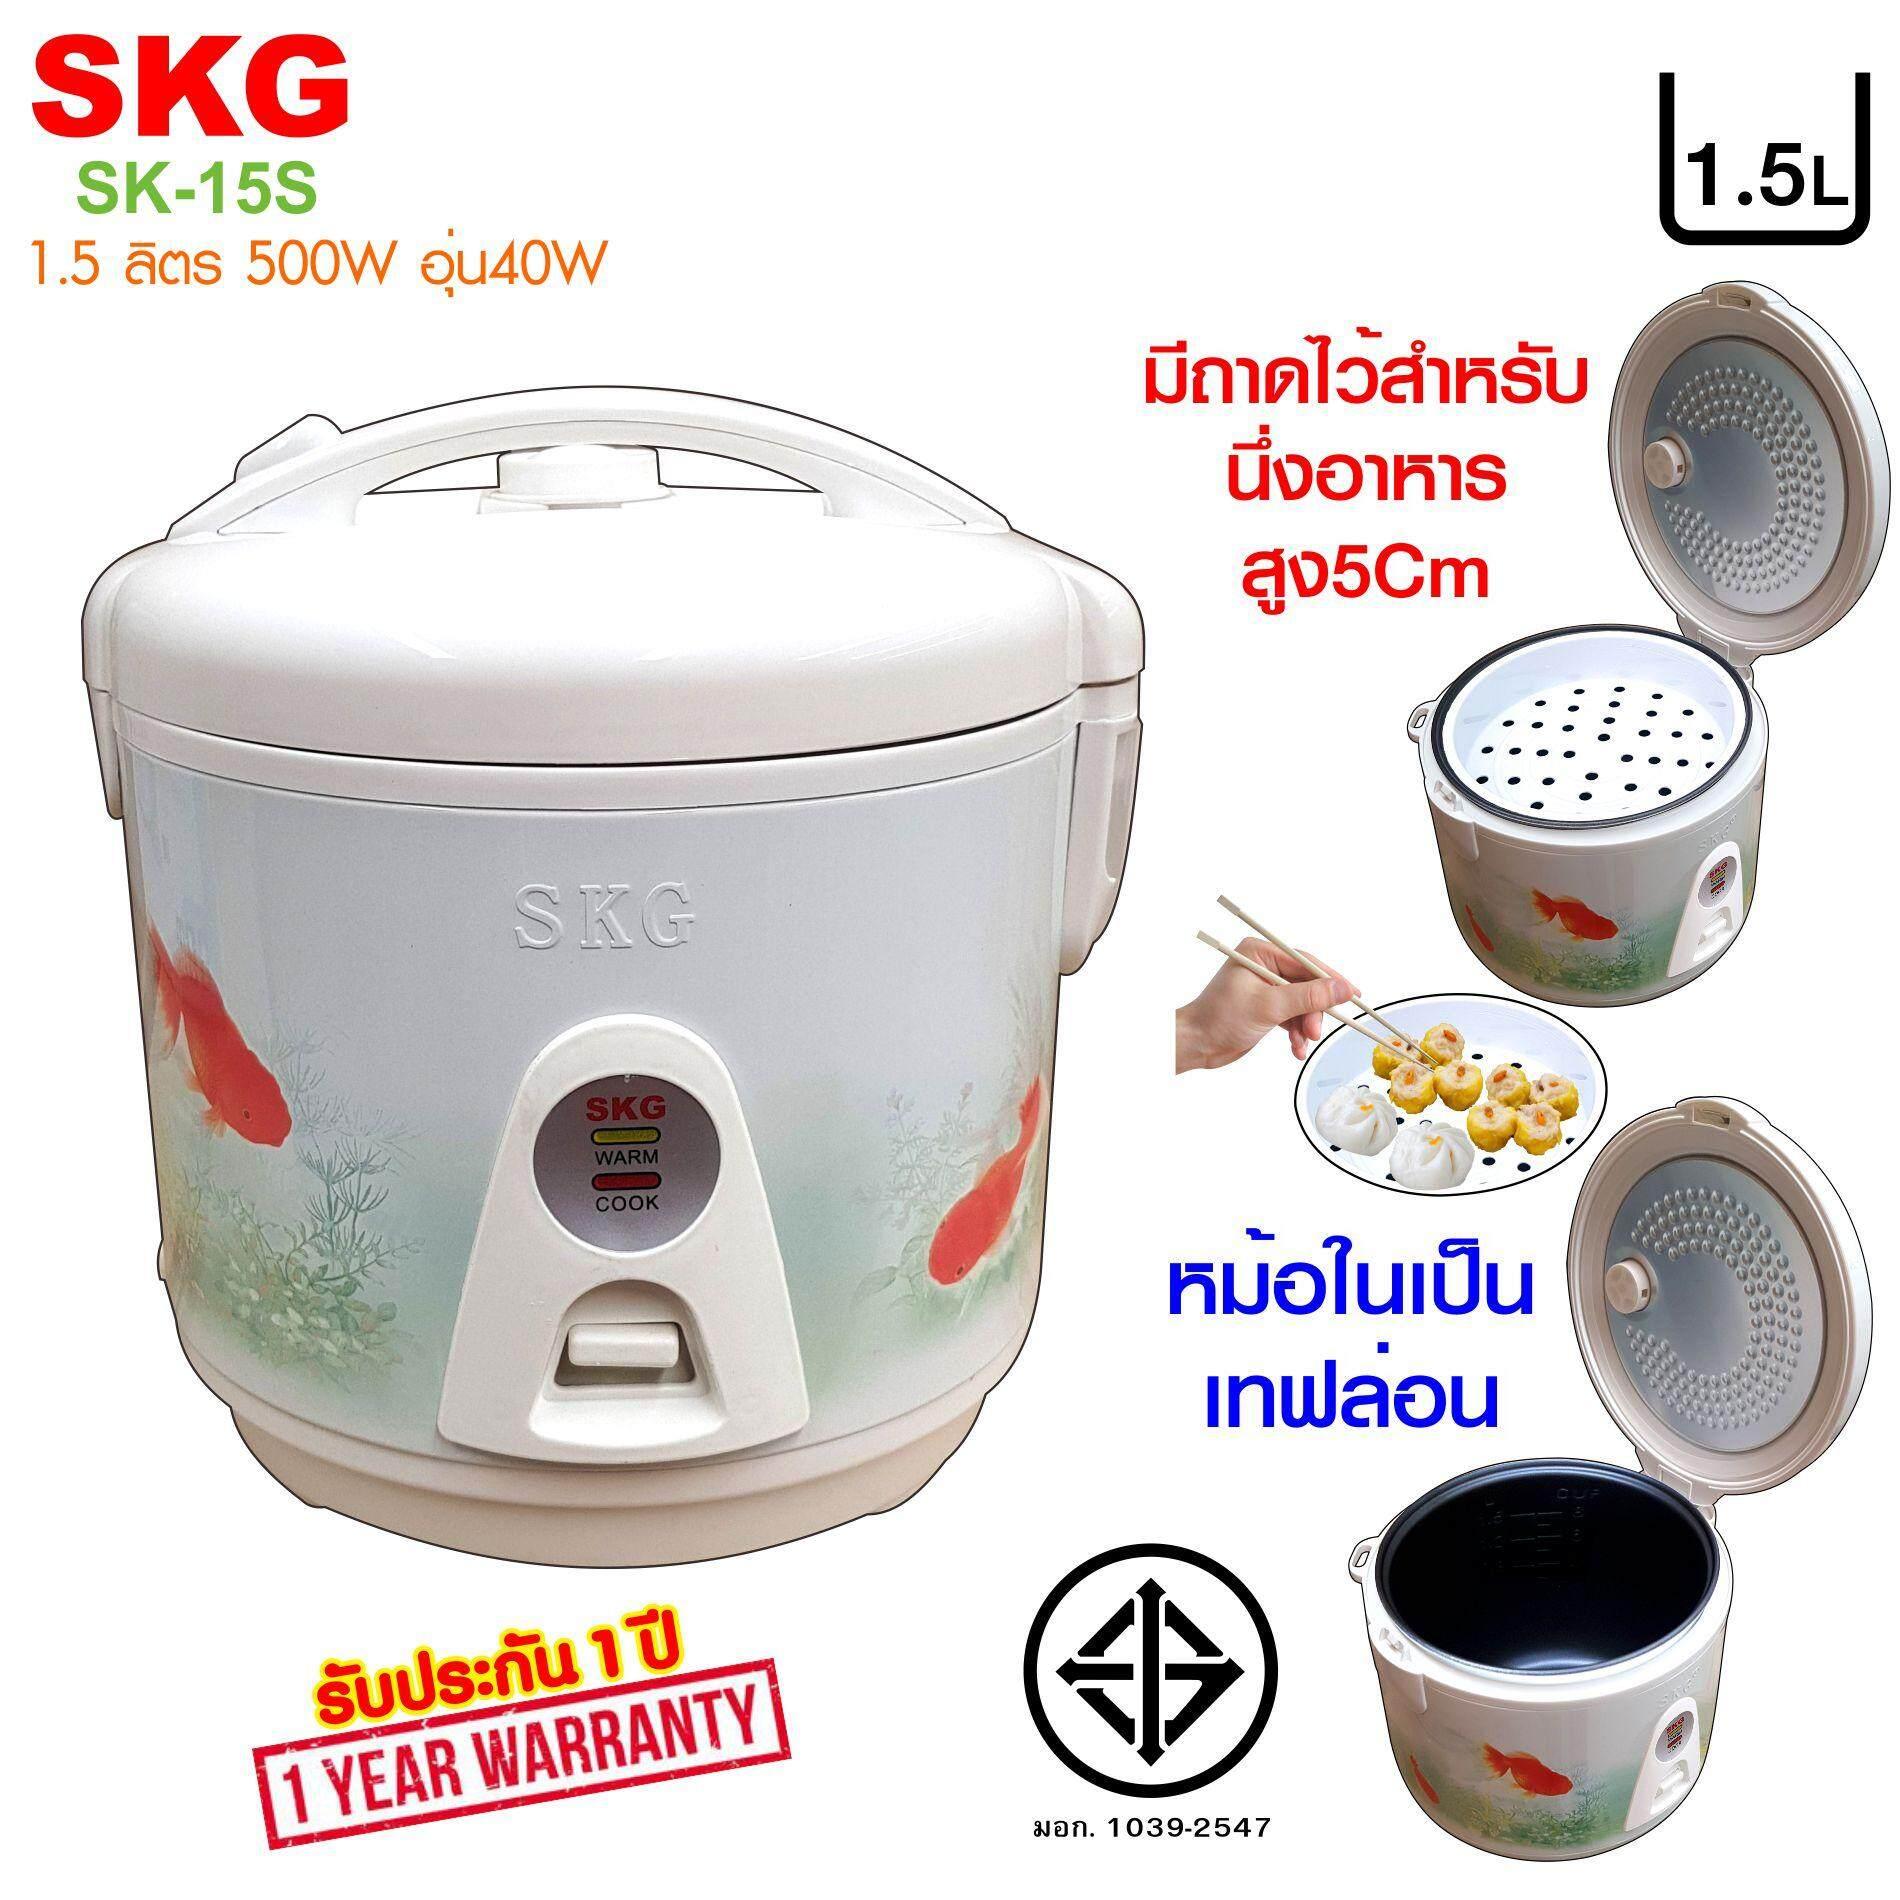 SKG หม้อหุงข้าวอุ่นทิพย์ 1.5 ลิตร รุ่น SK-15S ราคาถูก